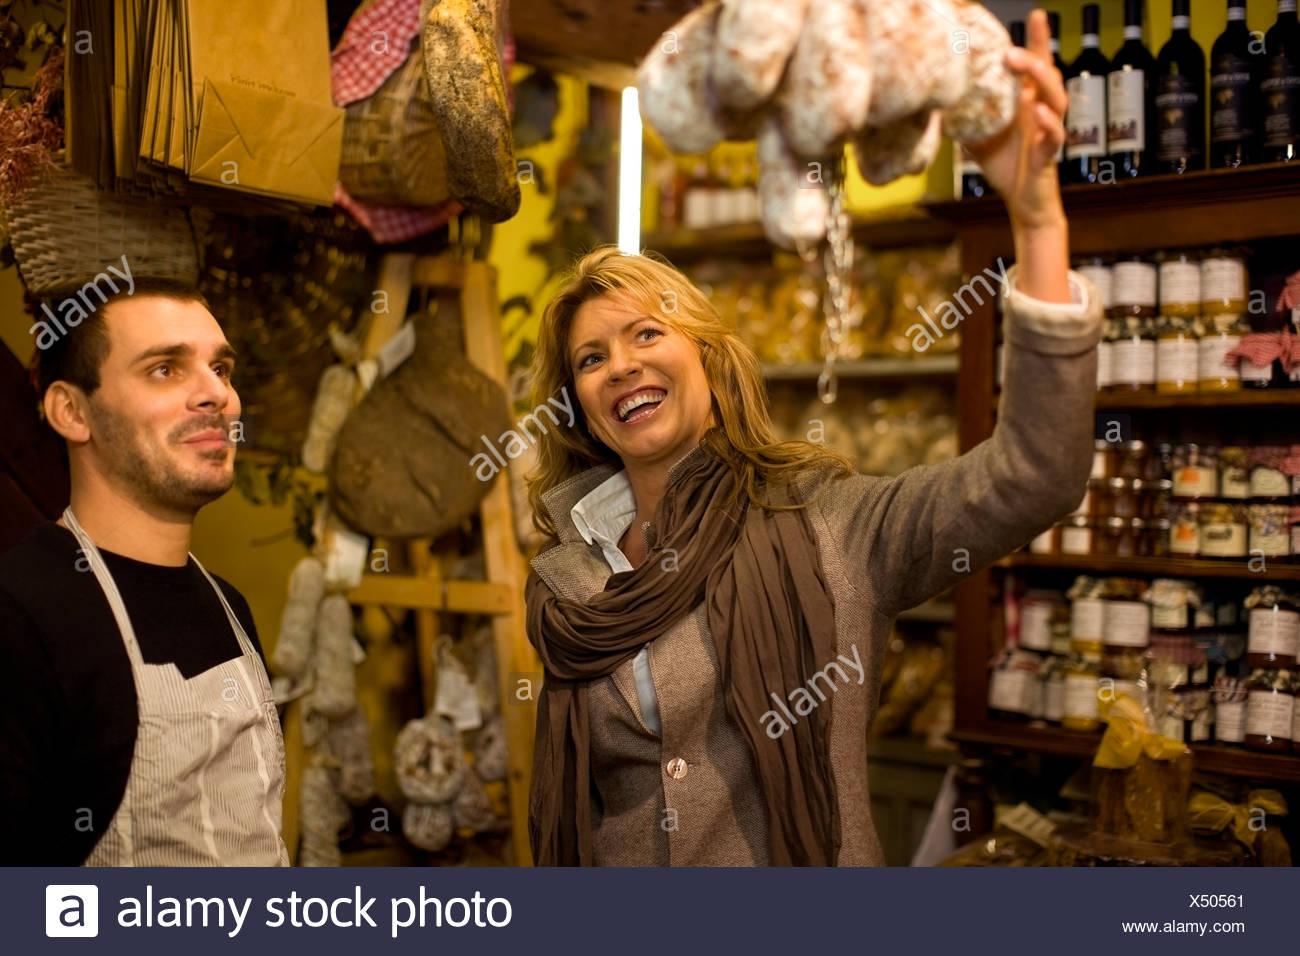 Vendor and customer in deli - Stock Image